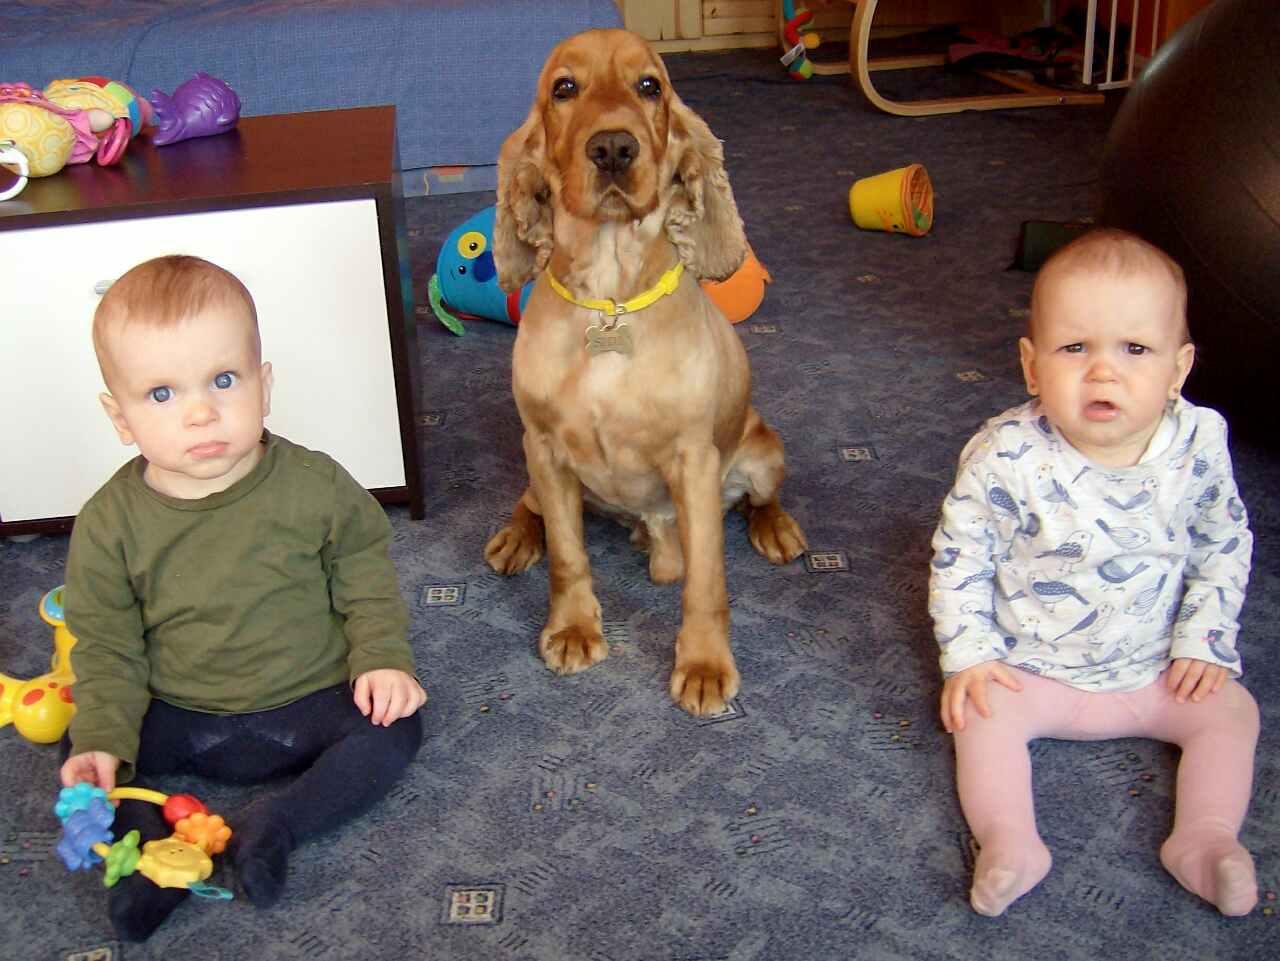 Erről a képről azt kérdezte minden családtag Á-tól, hogy azt mondta: 'mindenki ÜL!'? Szerencsére nyugodt kutyus, elég neki az, hogy a közelükben van. Nem mászik rájuk, és hagyja békésen a nyúzást. A gyerekek meg hamar eltelnek vele.